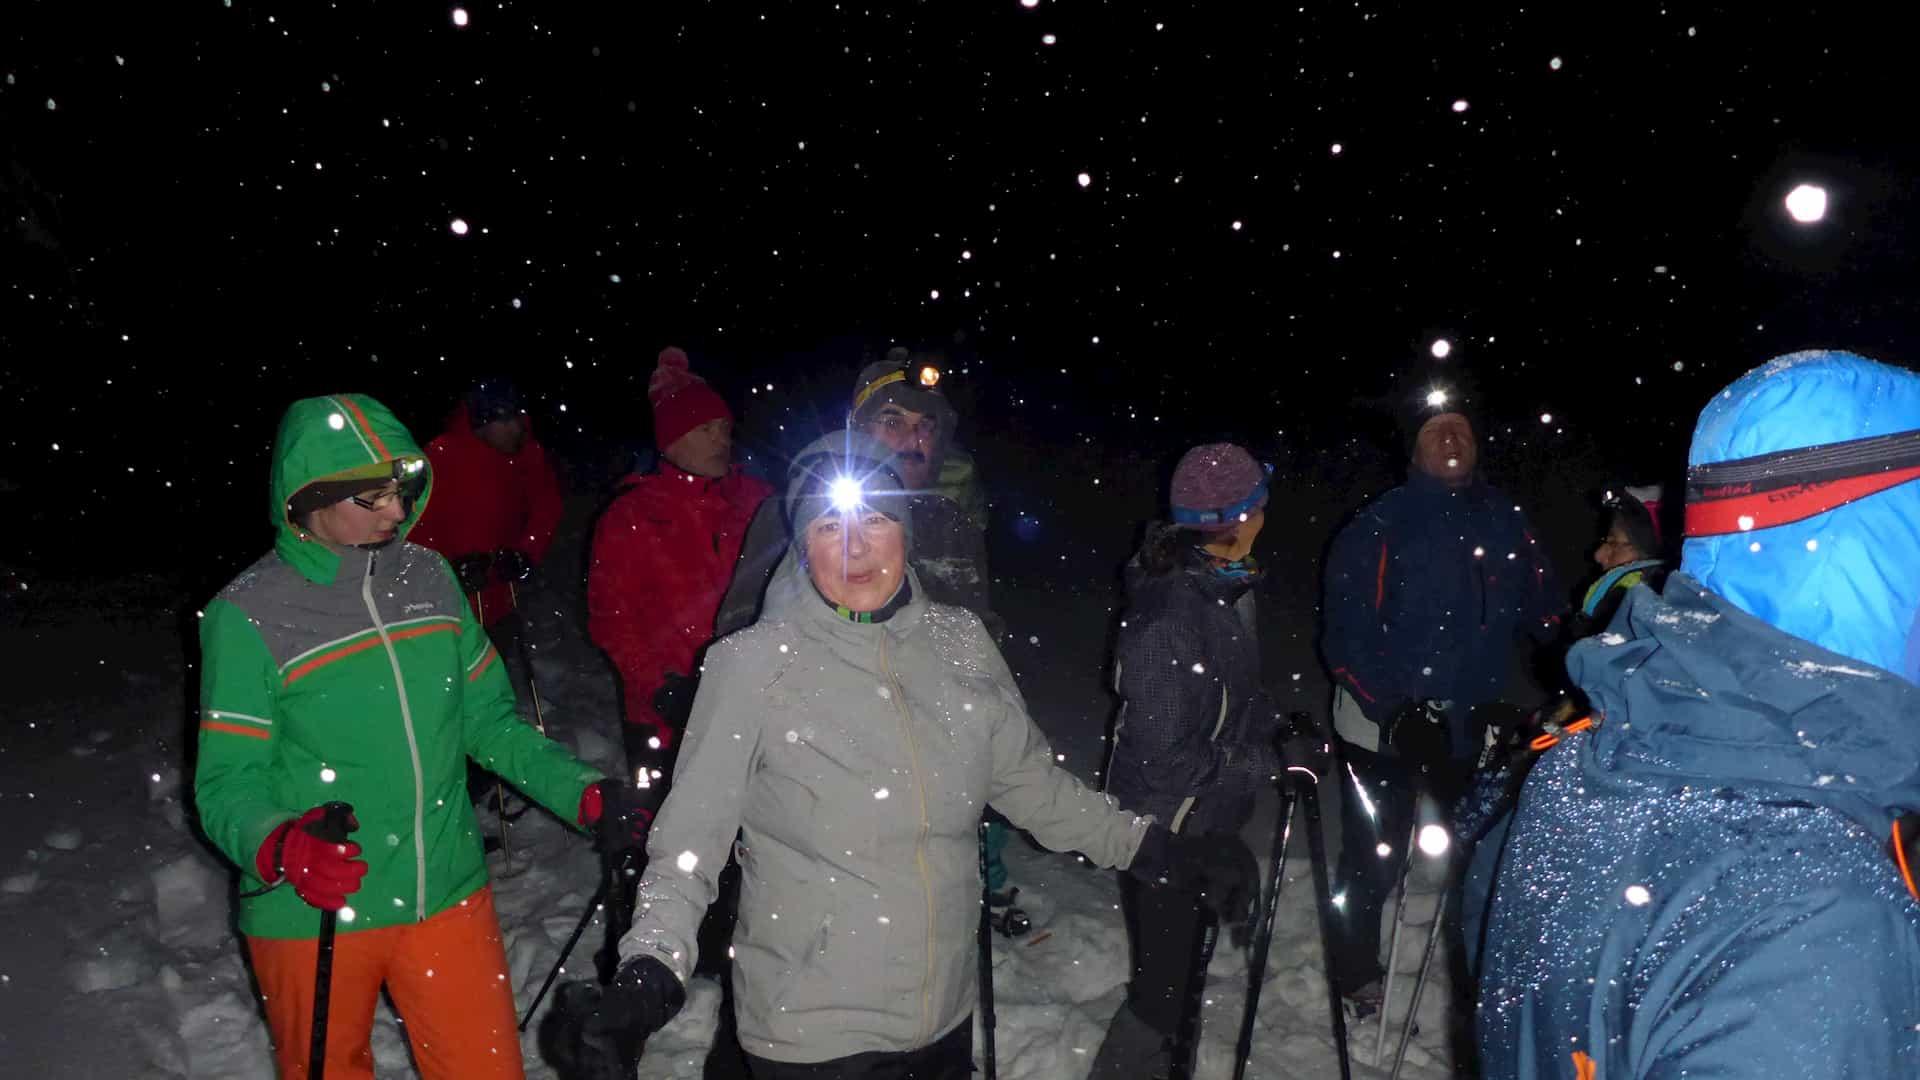 Schneeschuhwandern mit Stirnlampe